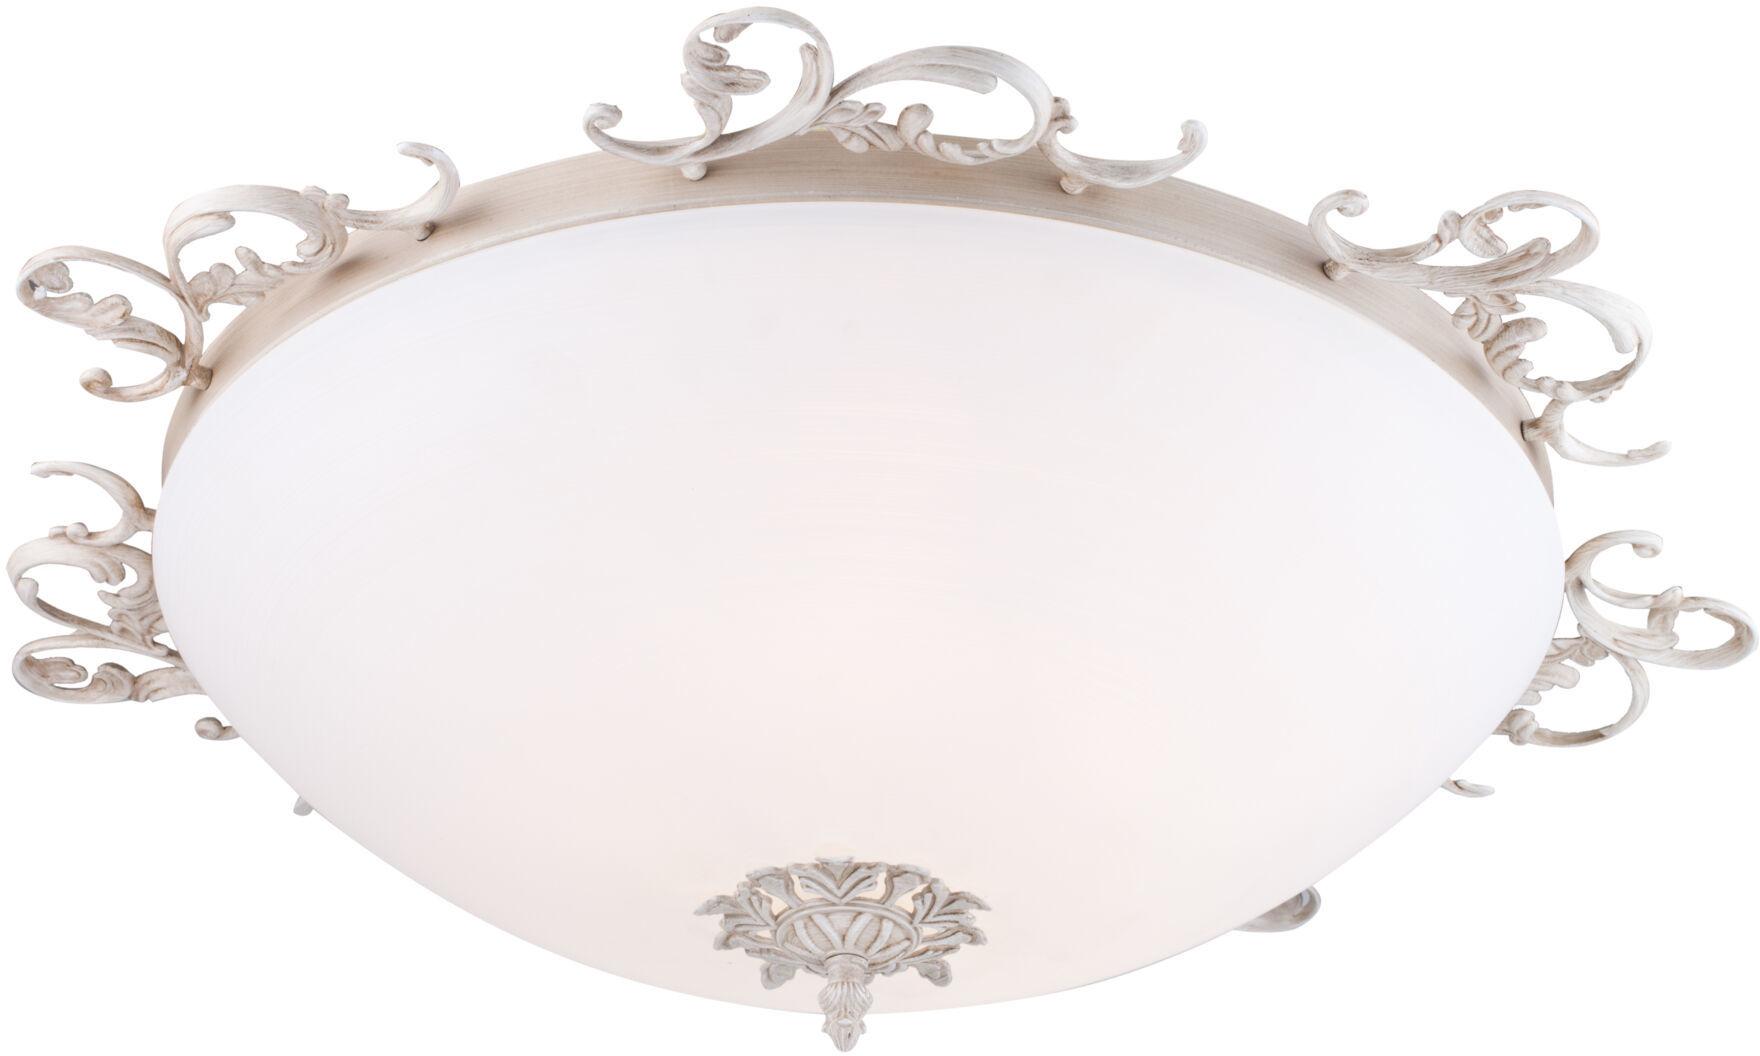 Maytoni Speria C900-CL-05-W plafon lampa sufitowa metalowa rama klosz biały z matowego szkła 5xE14 40W